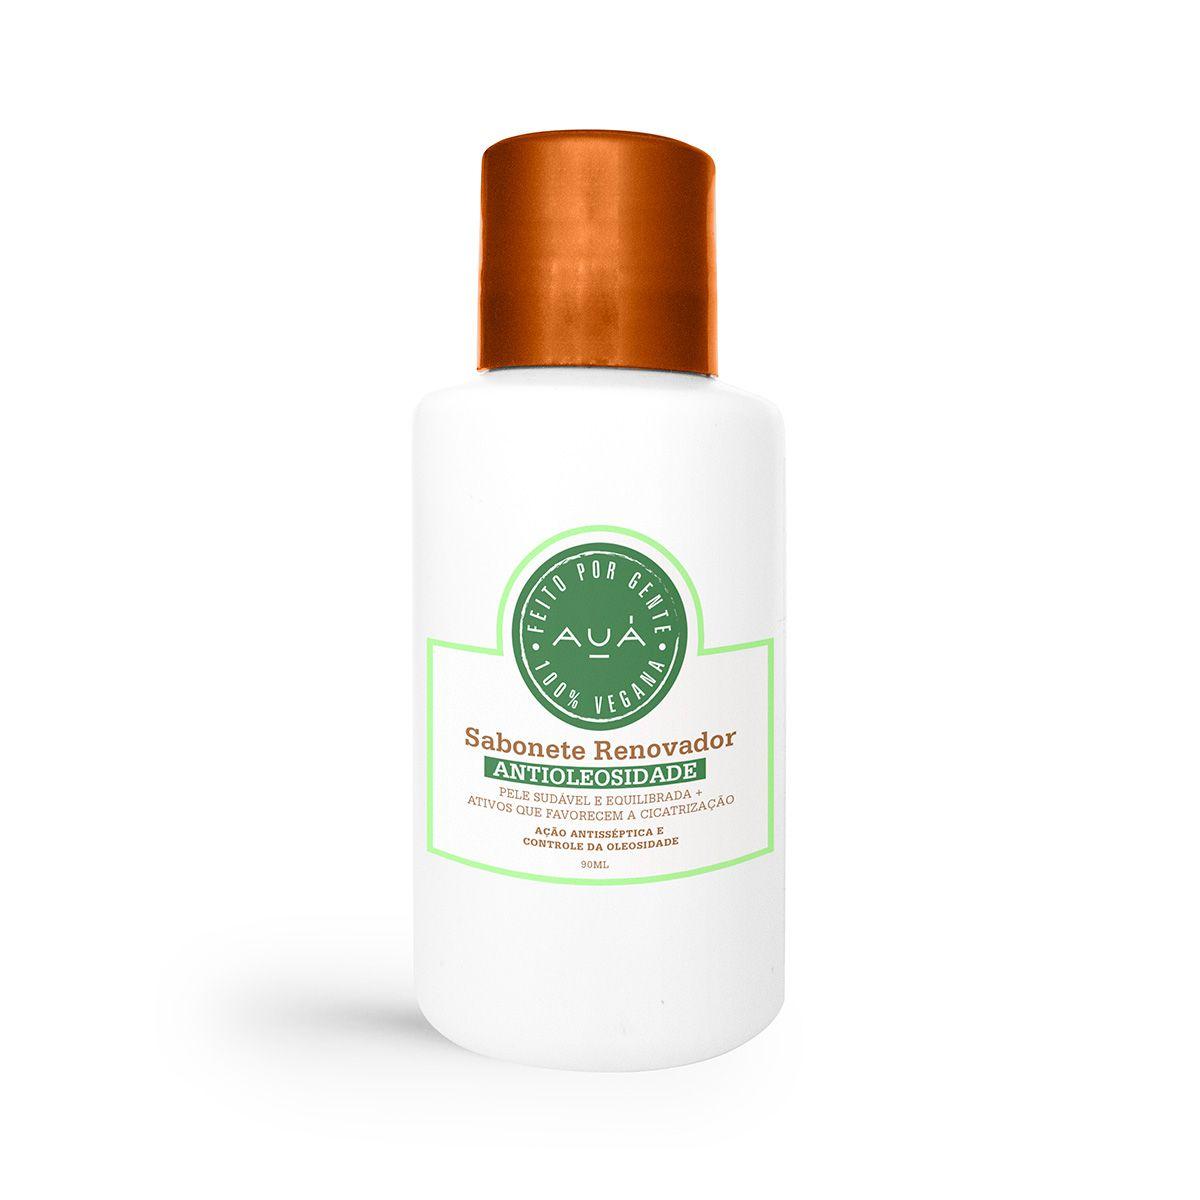 Kit Essencial Skincare (Antioleosidade)